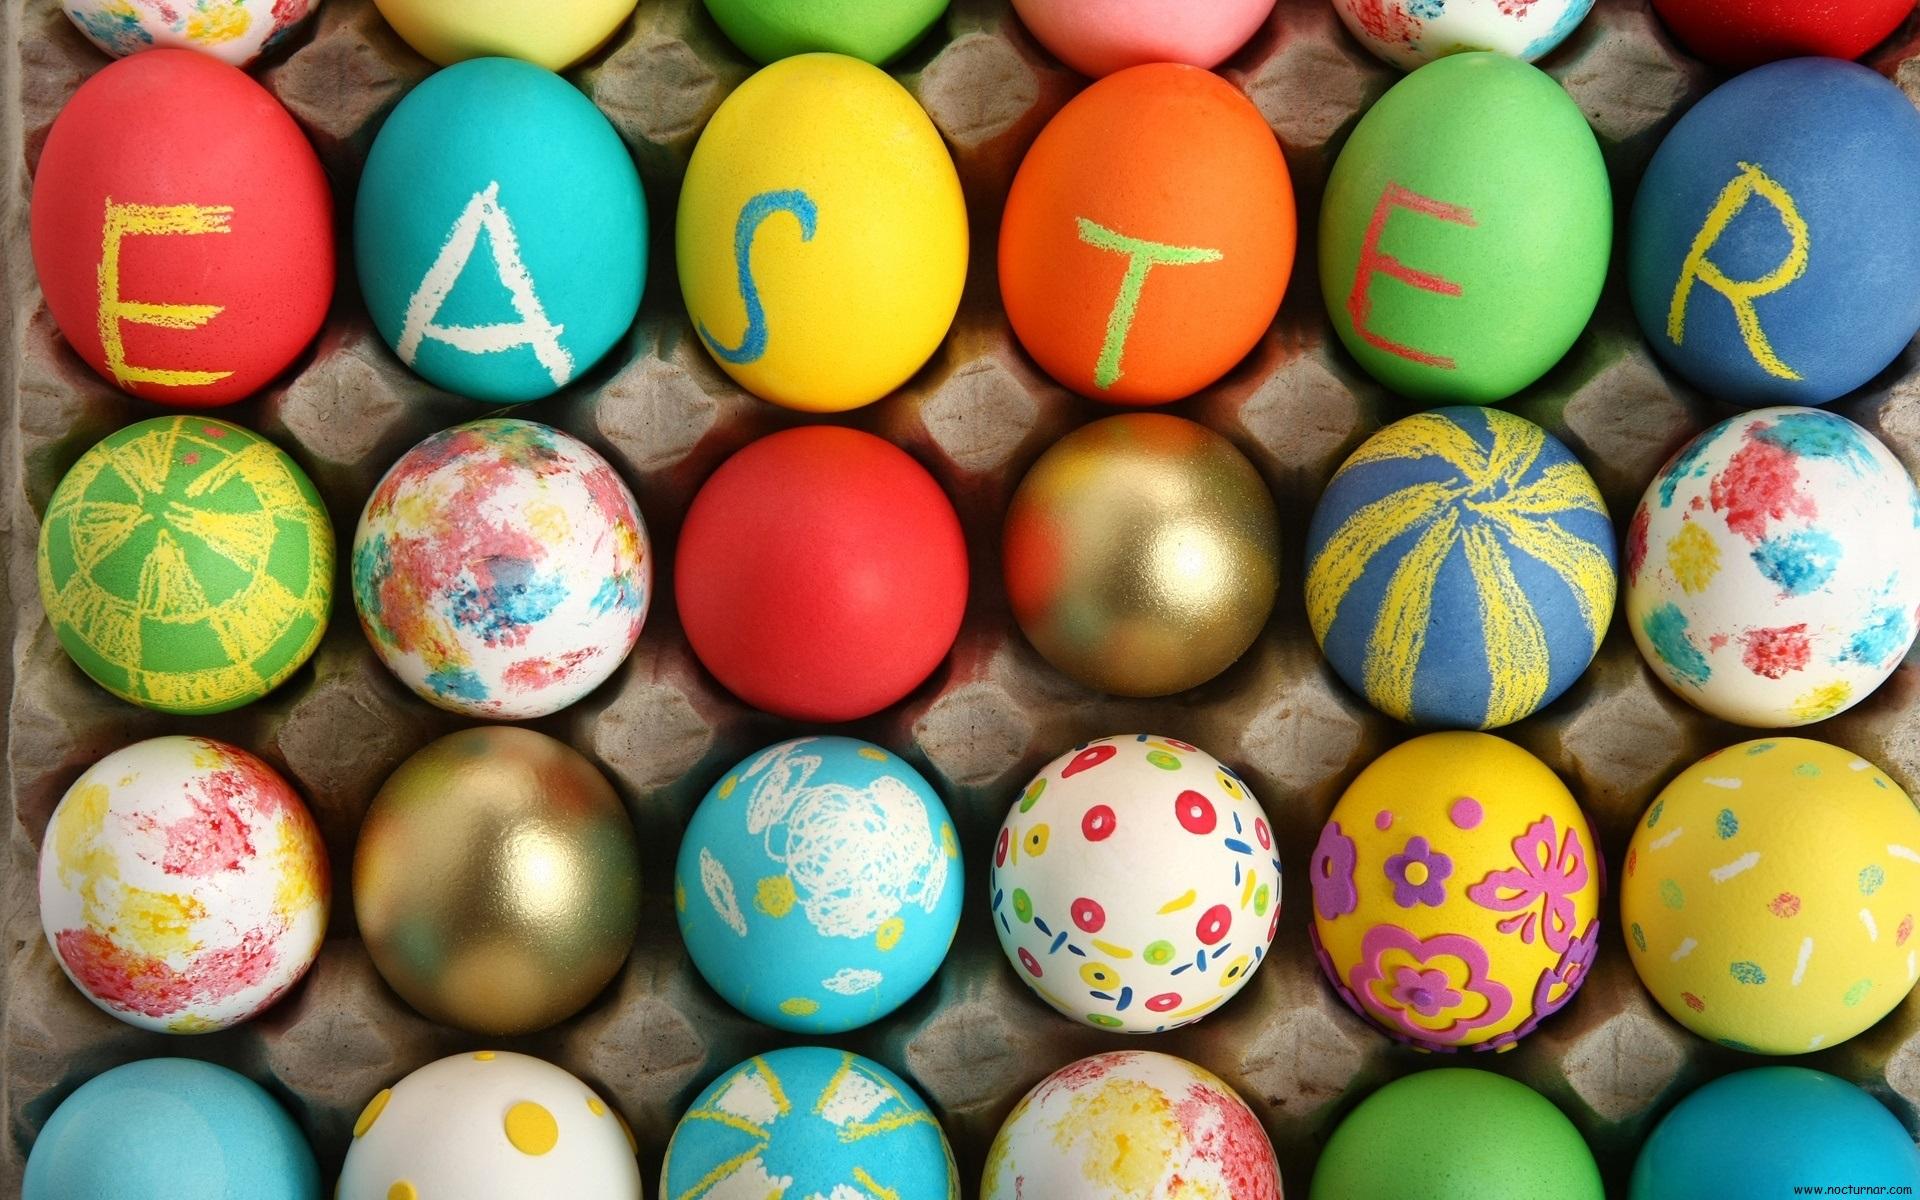 Las tradiciones de pascua m s curiosas del mundo - Videos de huevos de pascua ...